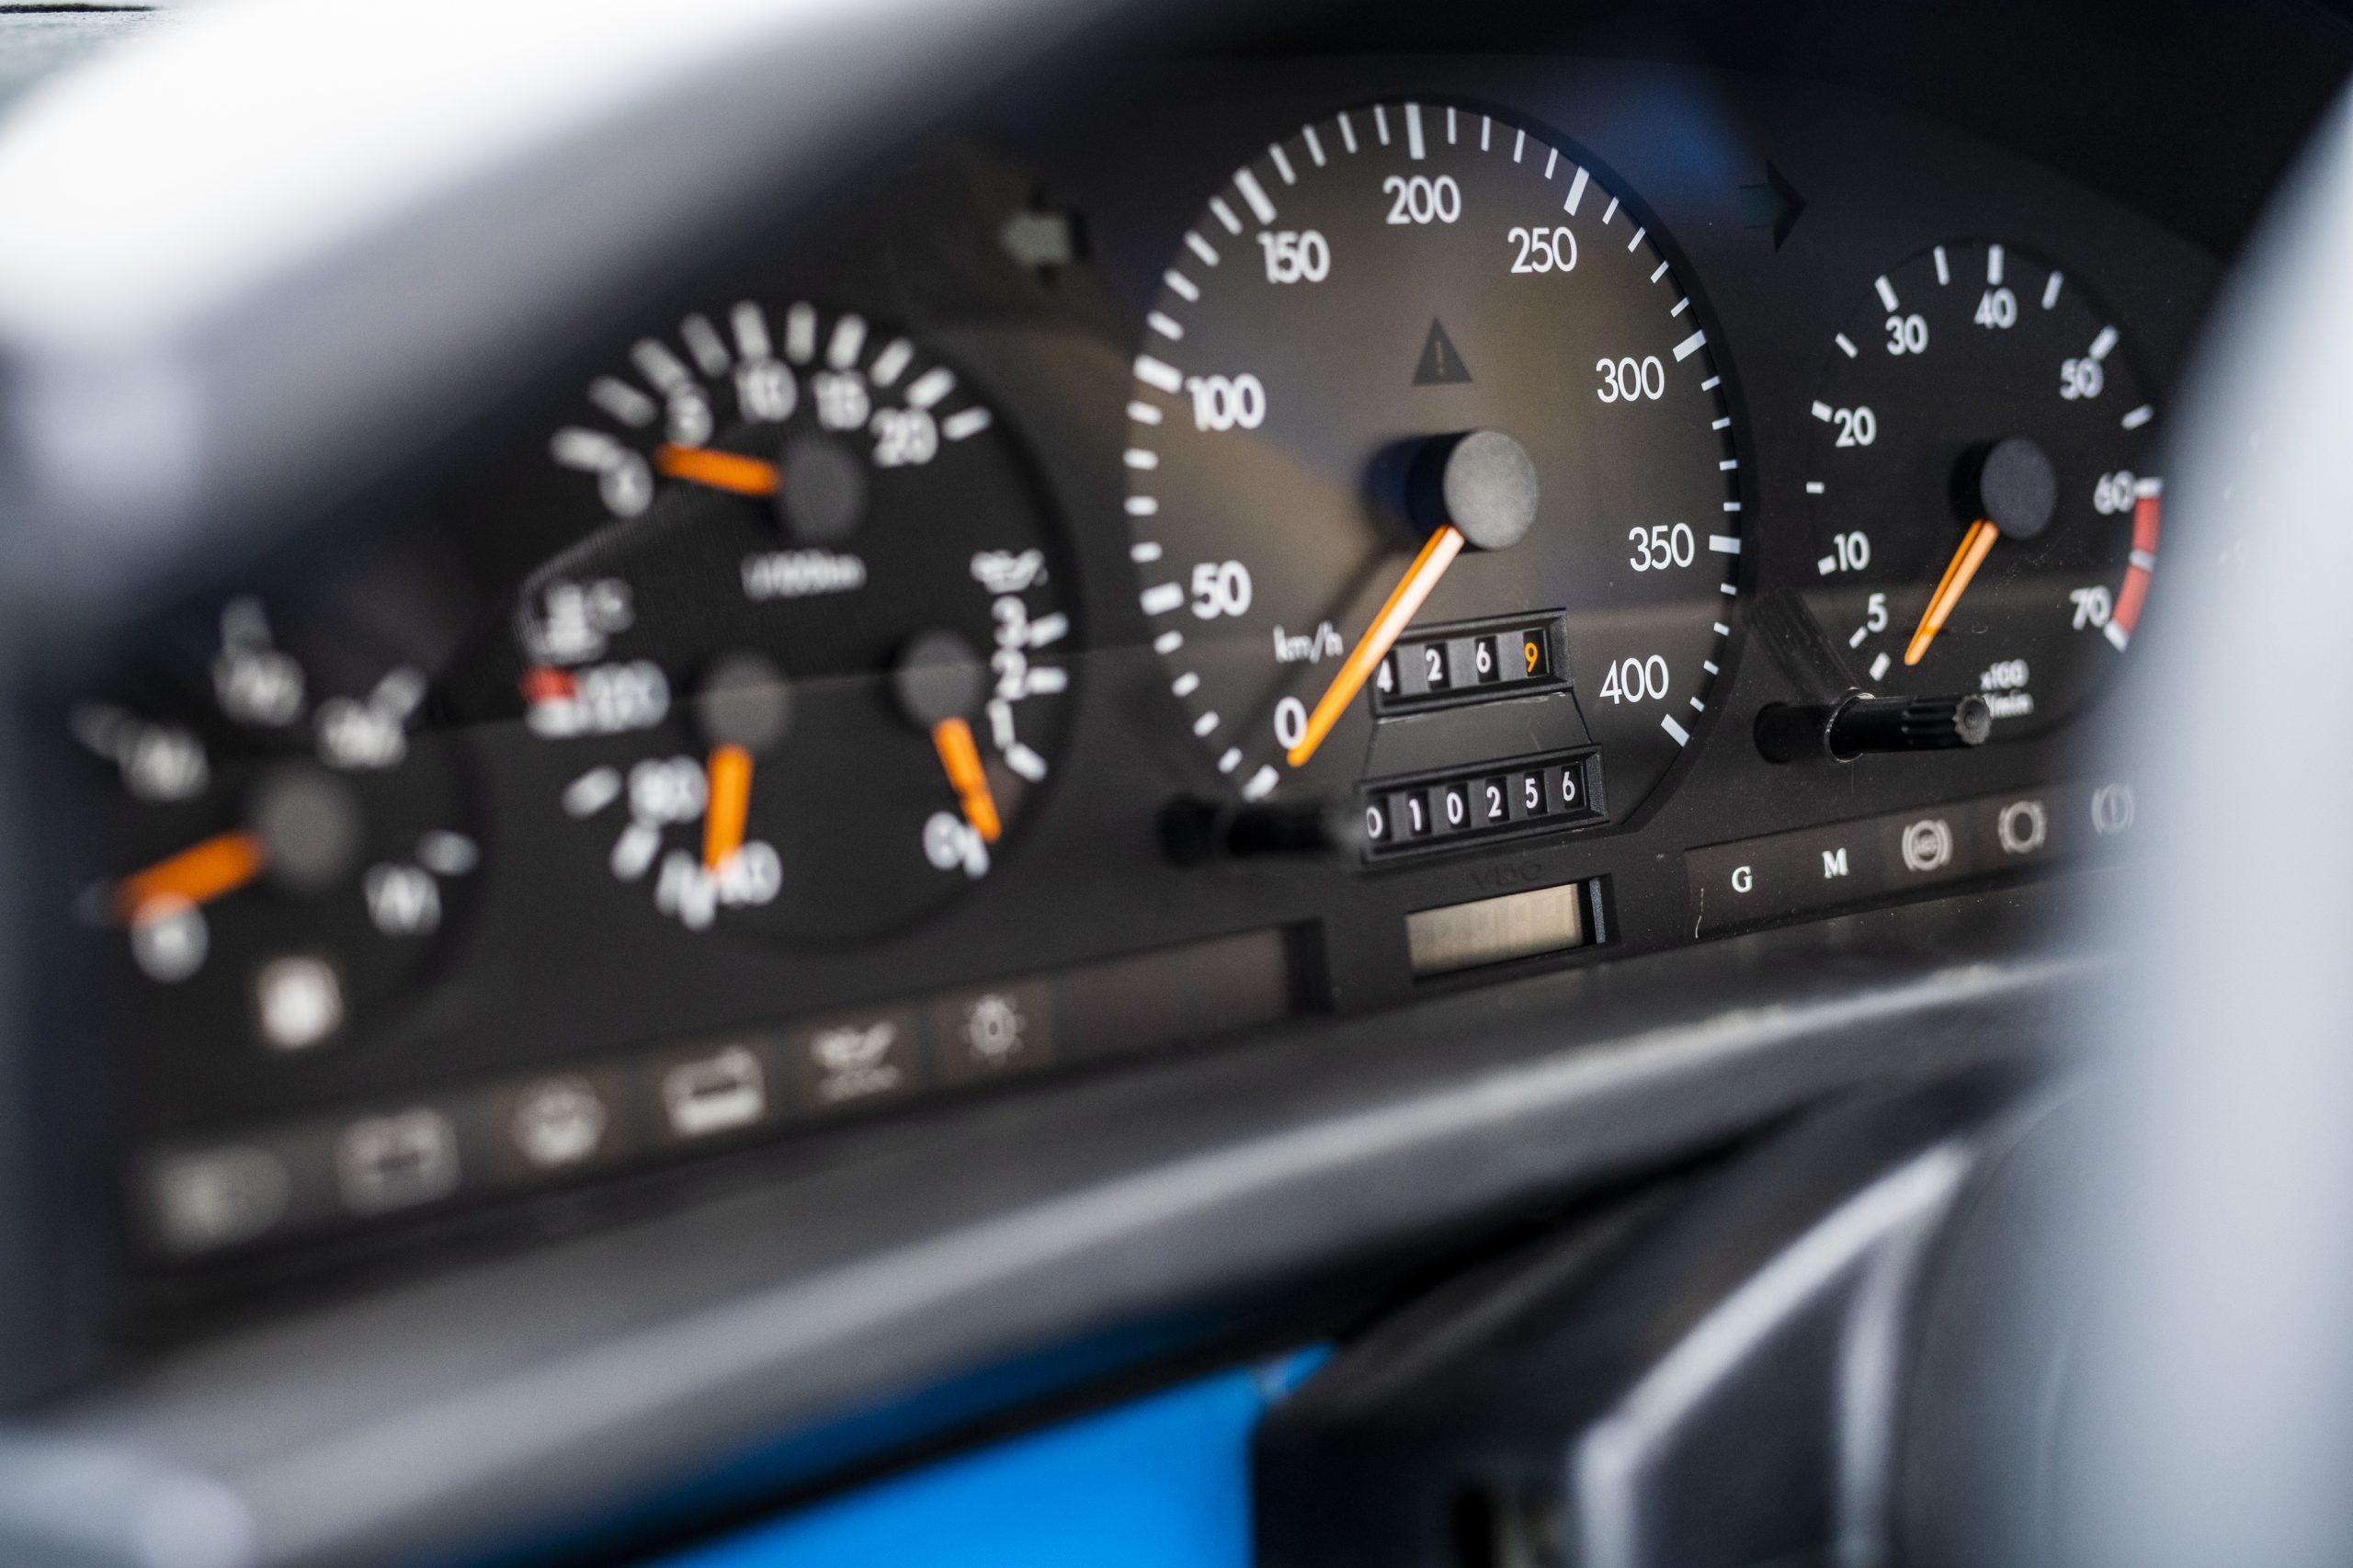 1993 Isdera Commendatore 112i interior dash gauge detail